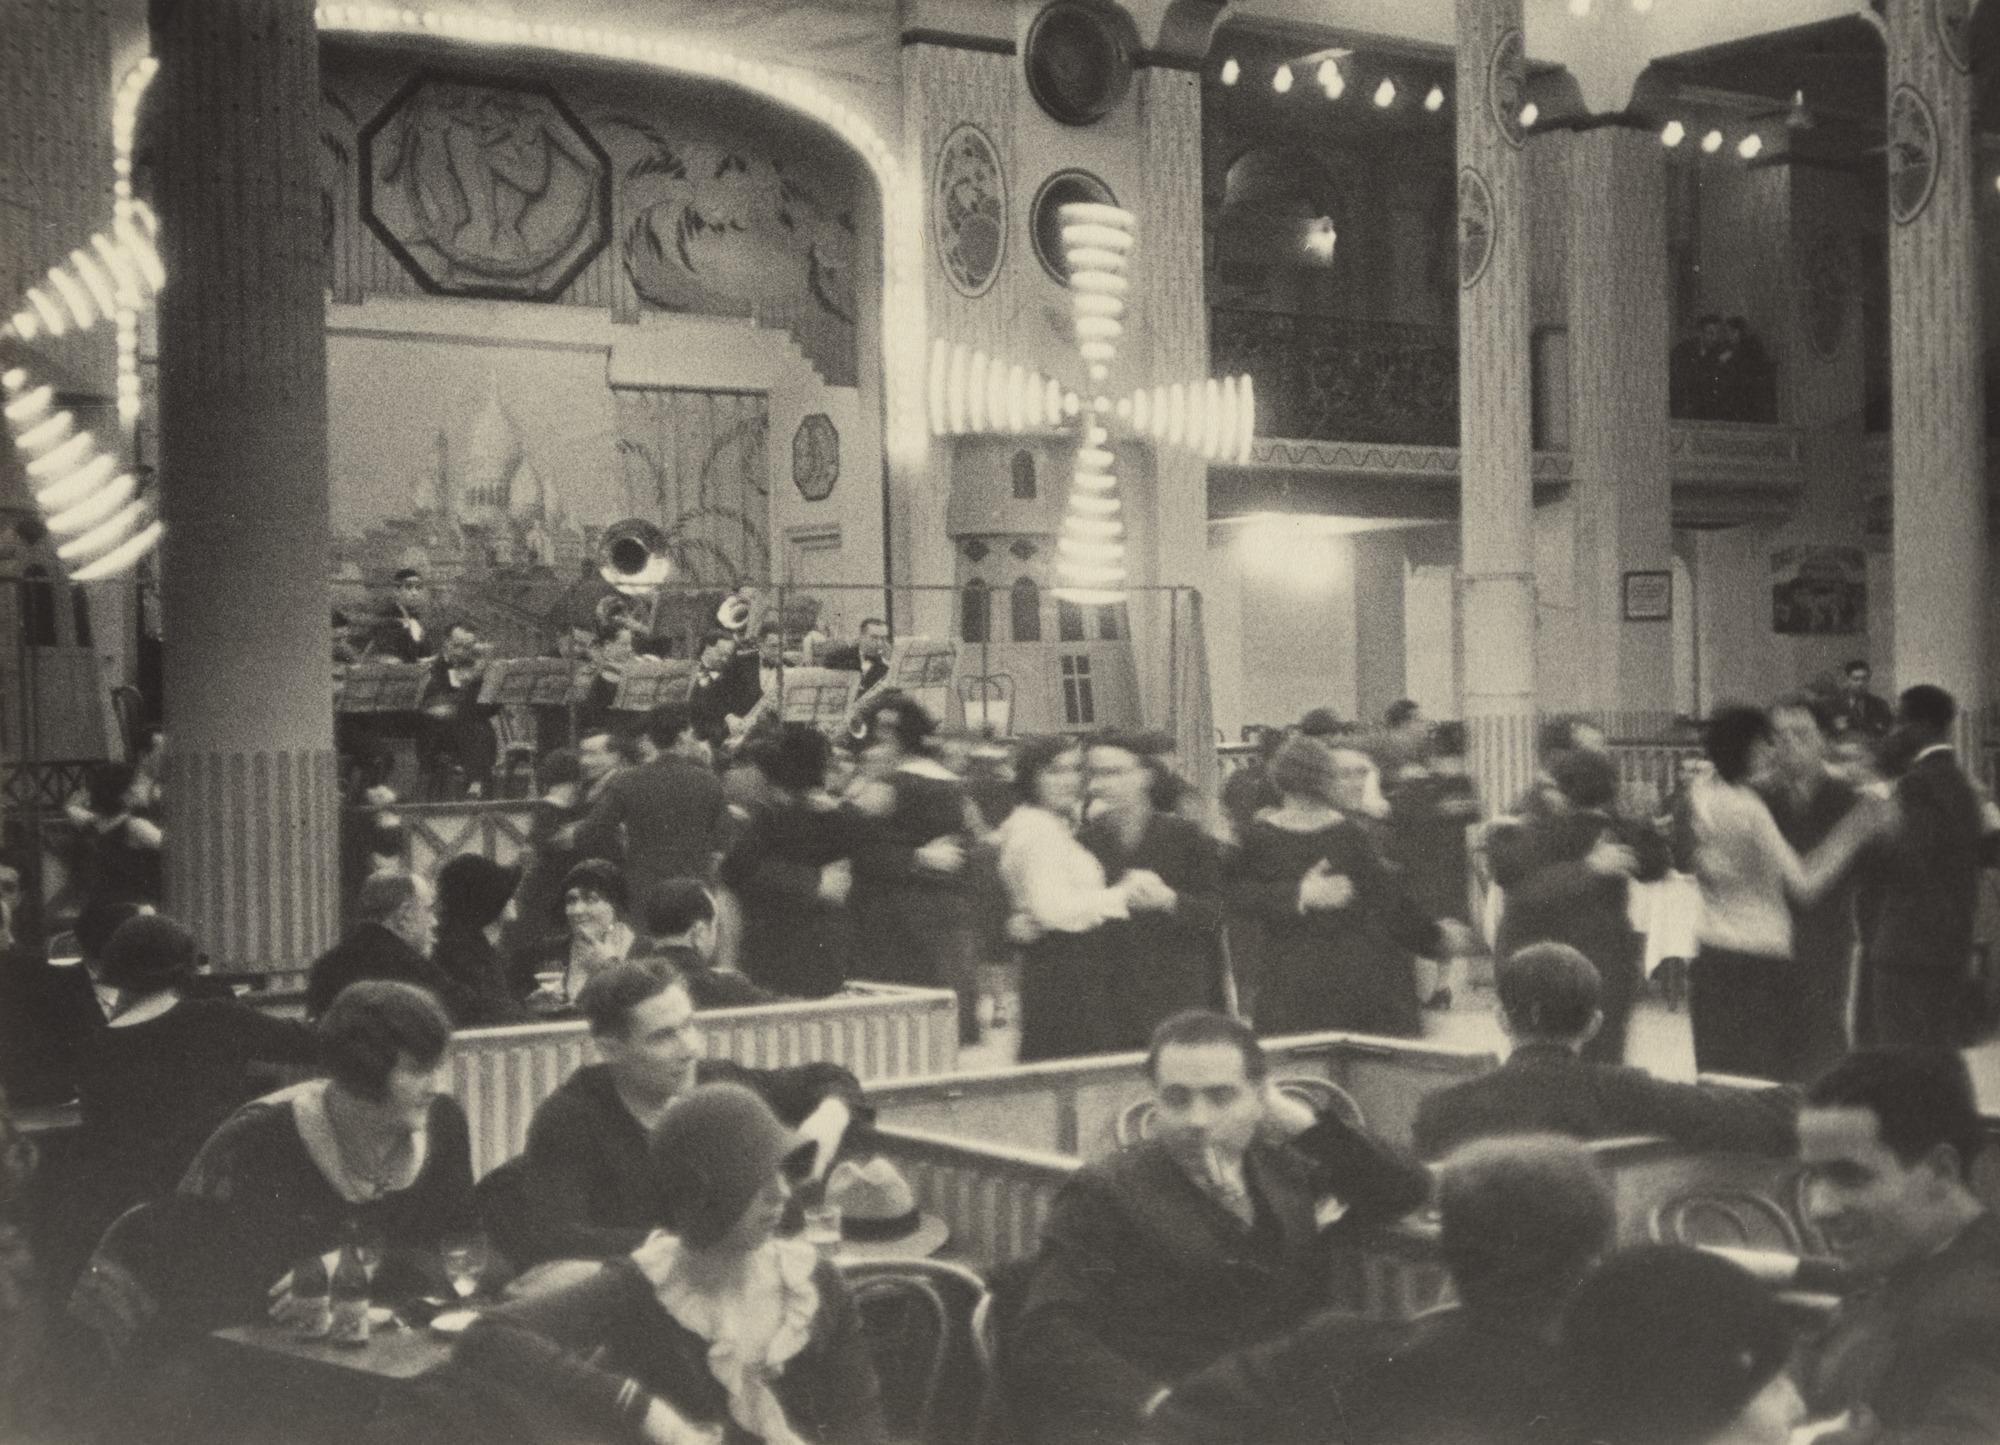 Moulin rouge 1931.jpg